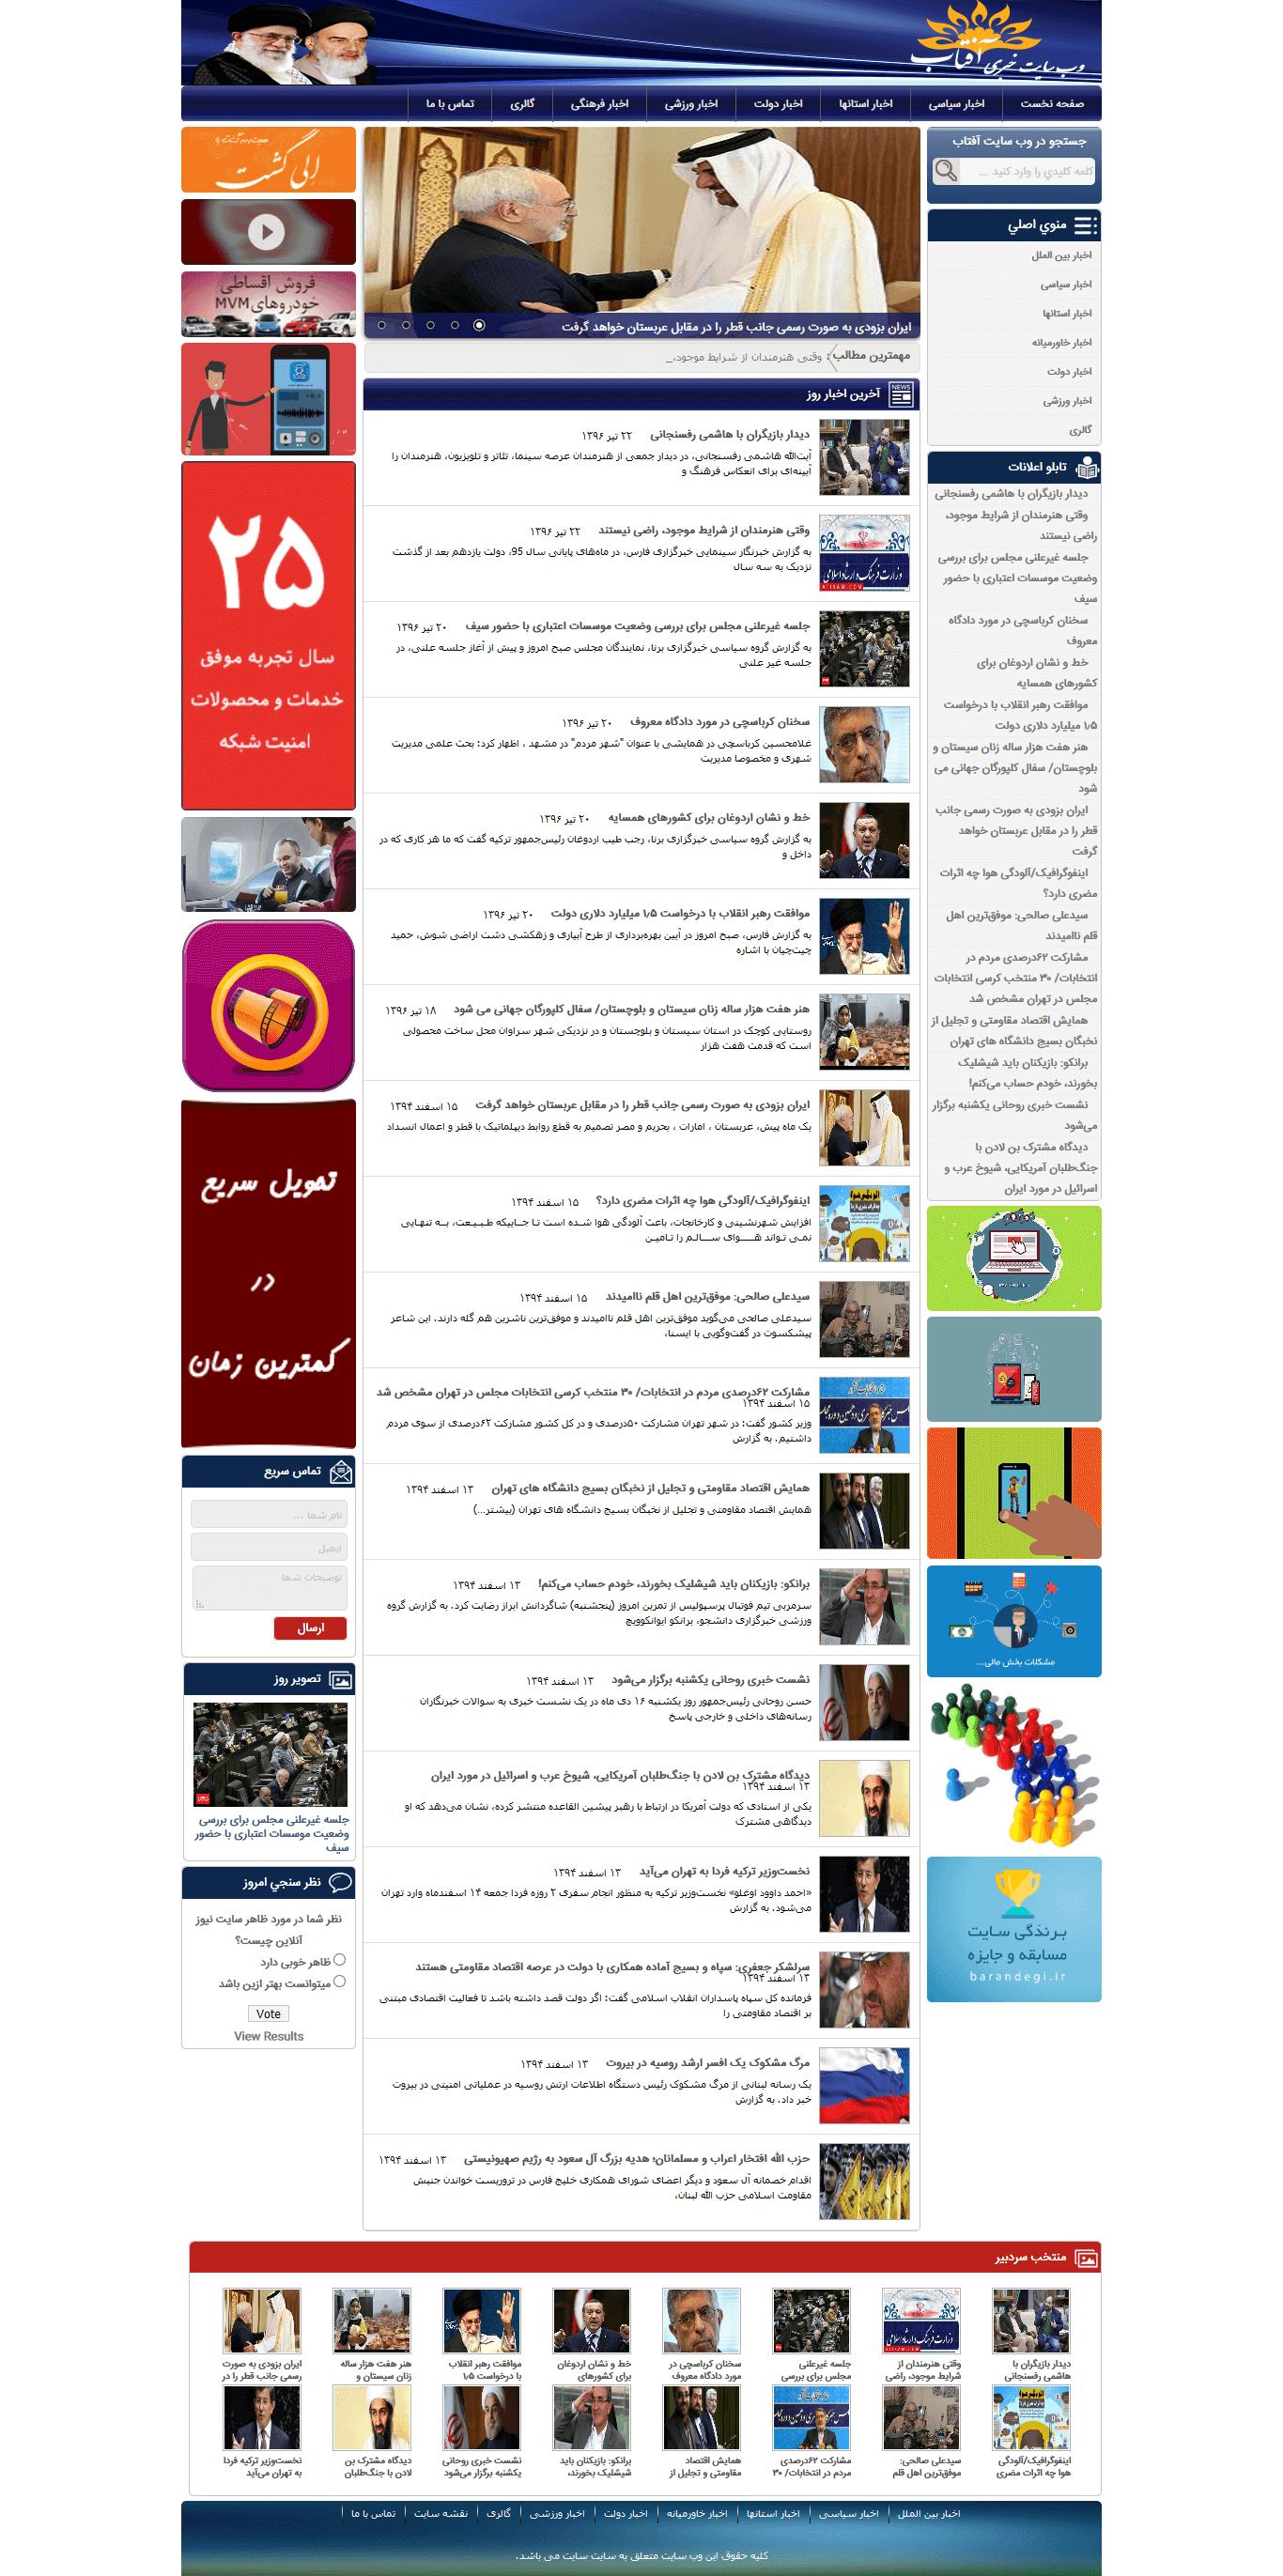 وب سایت پژشکی شفا